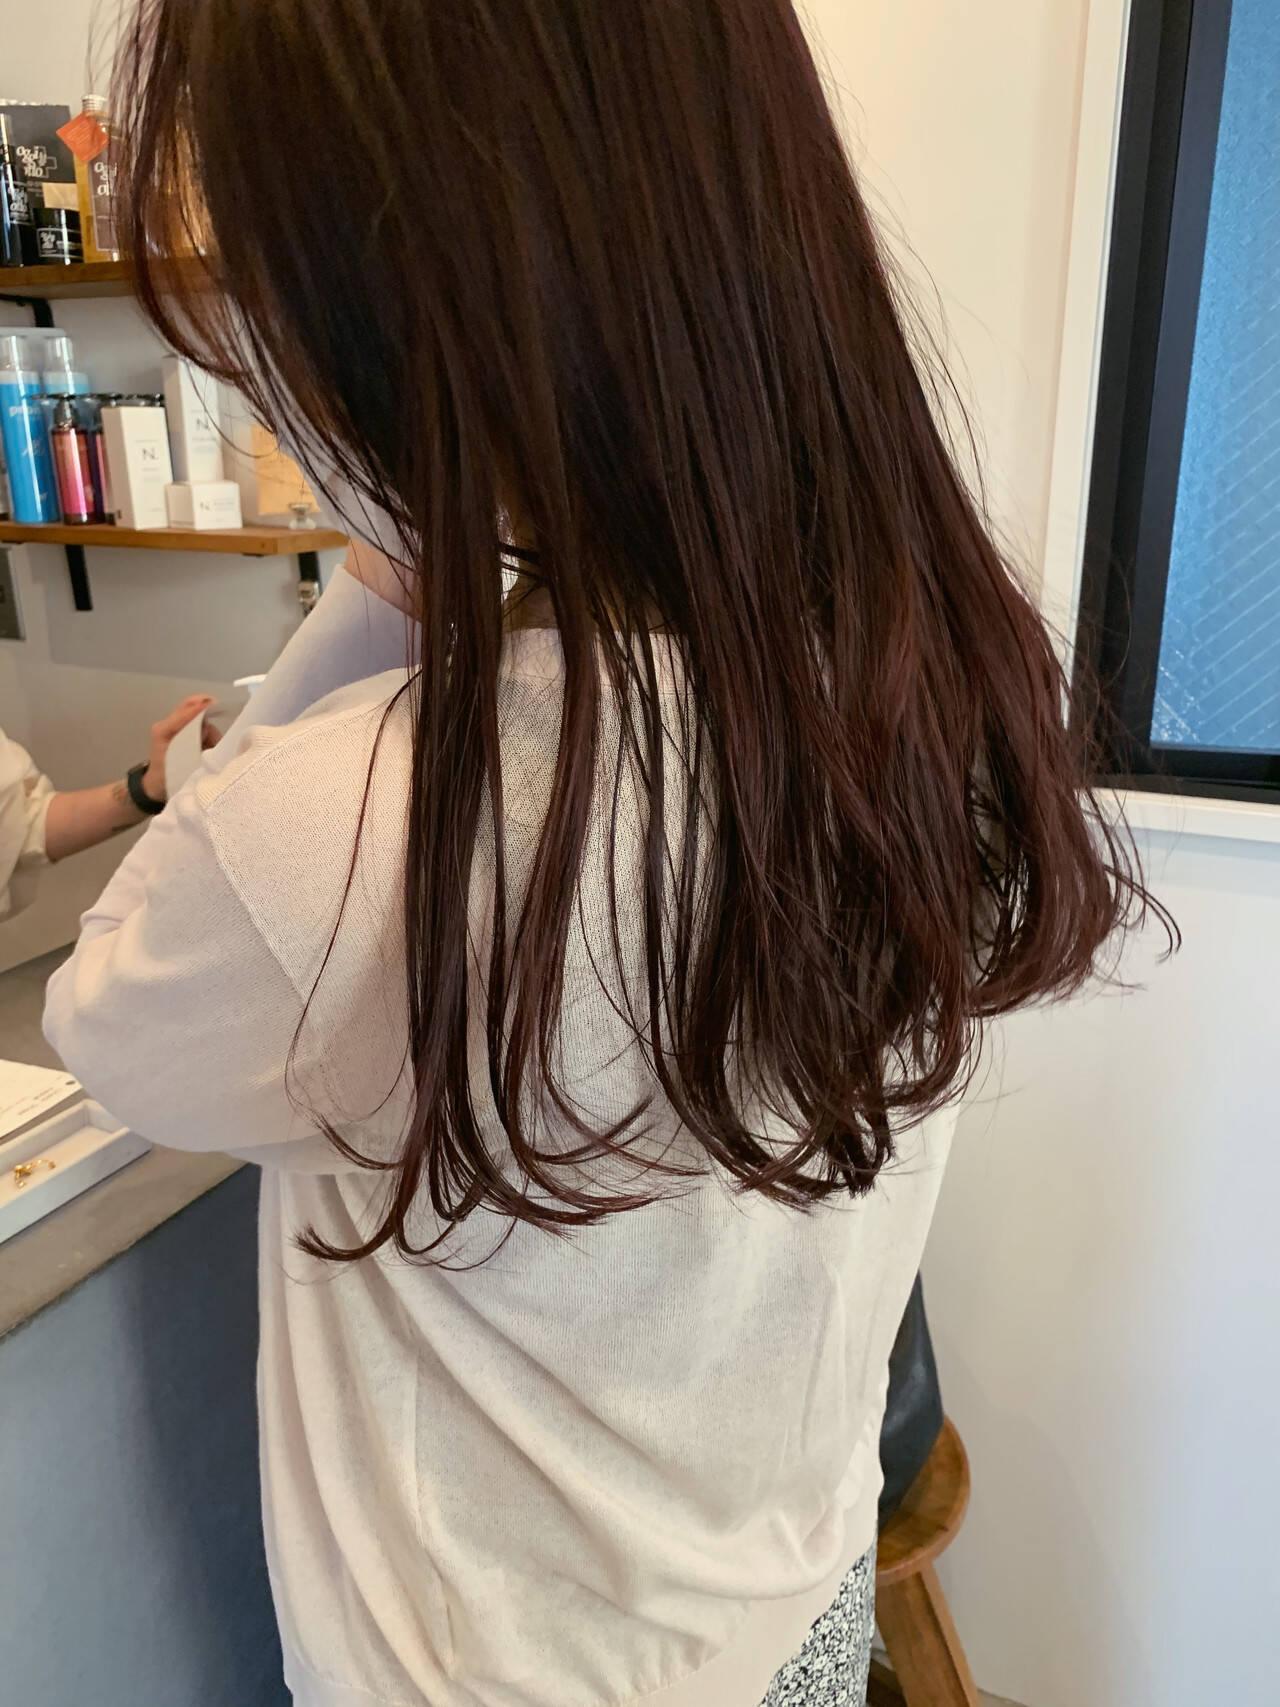 大人ロング ロング 赤髪 ロングヘアヘアスタイルや髪型の写真・画像